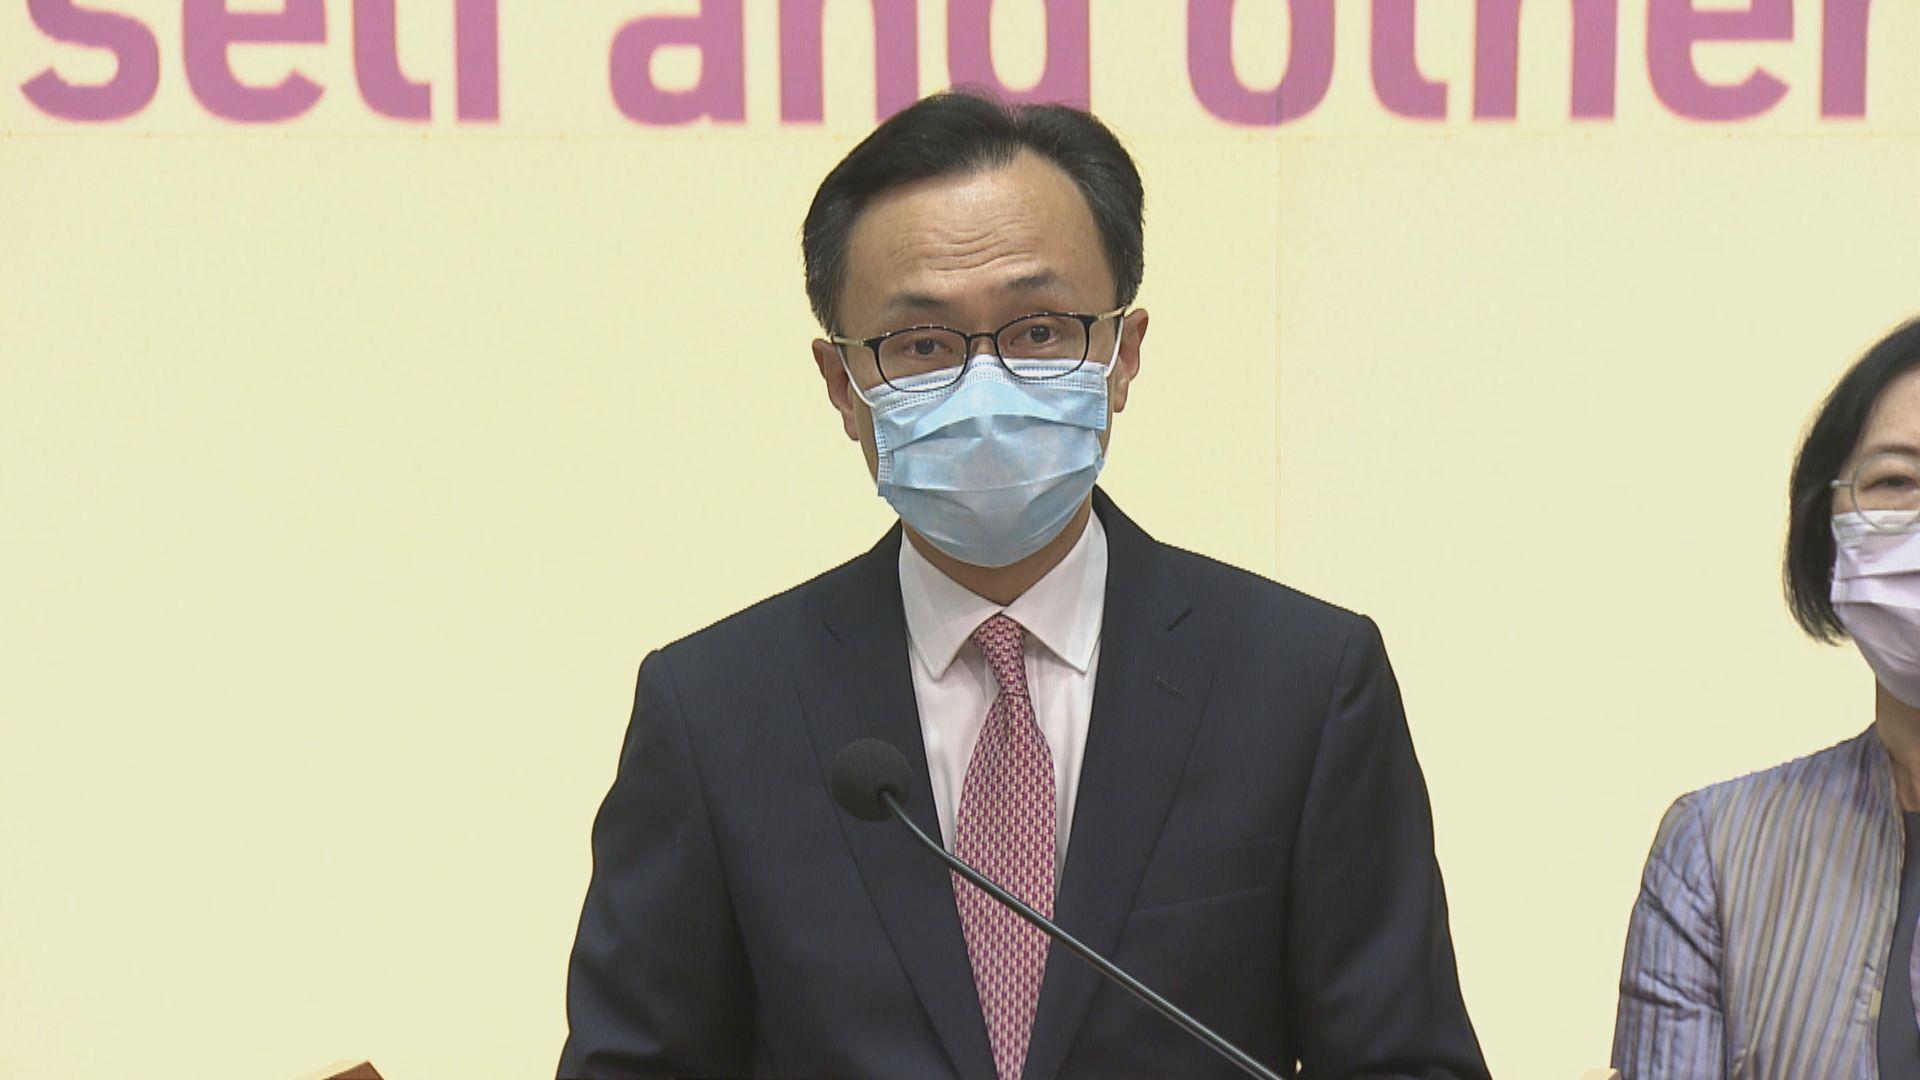 劉利群升任惹爭議 聶德權強調公務員升遷有既定機制及準則